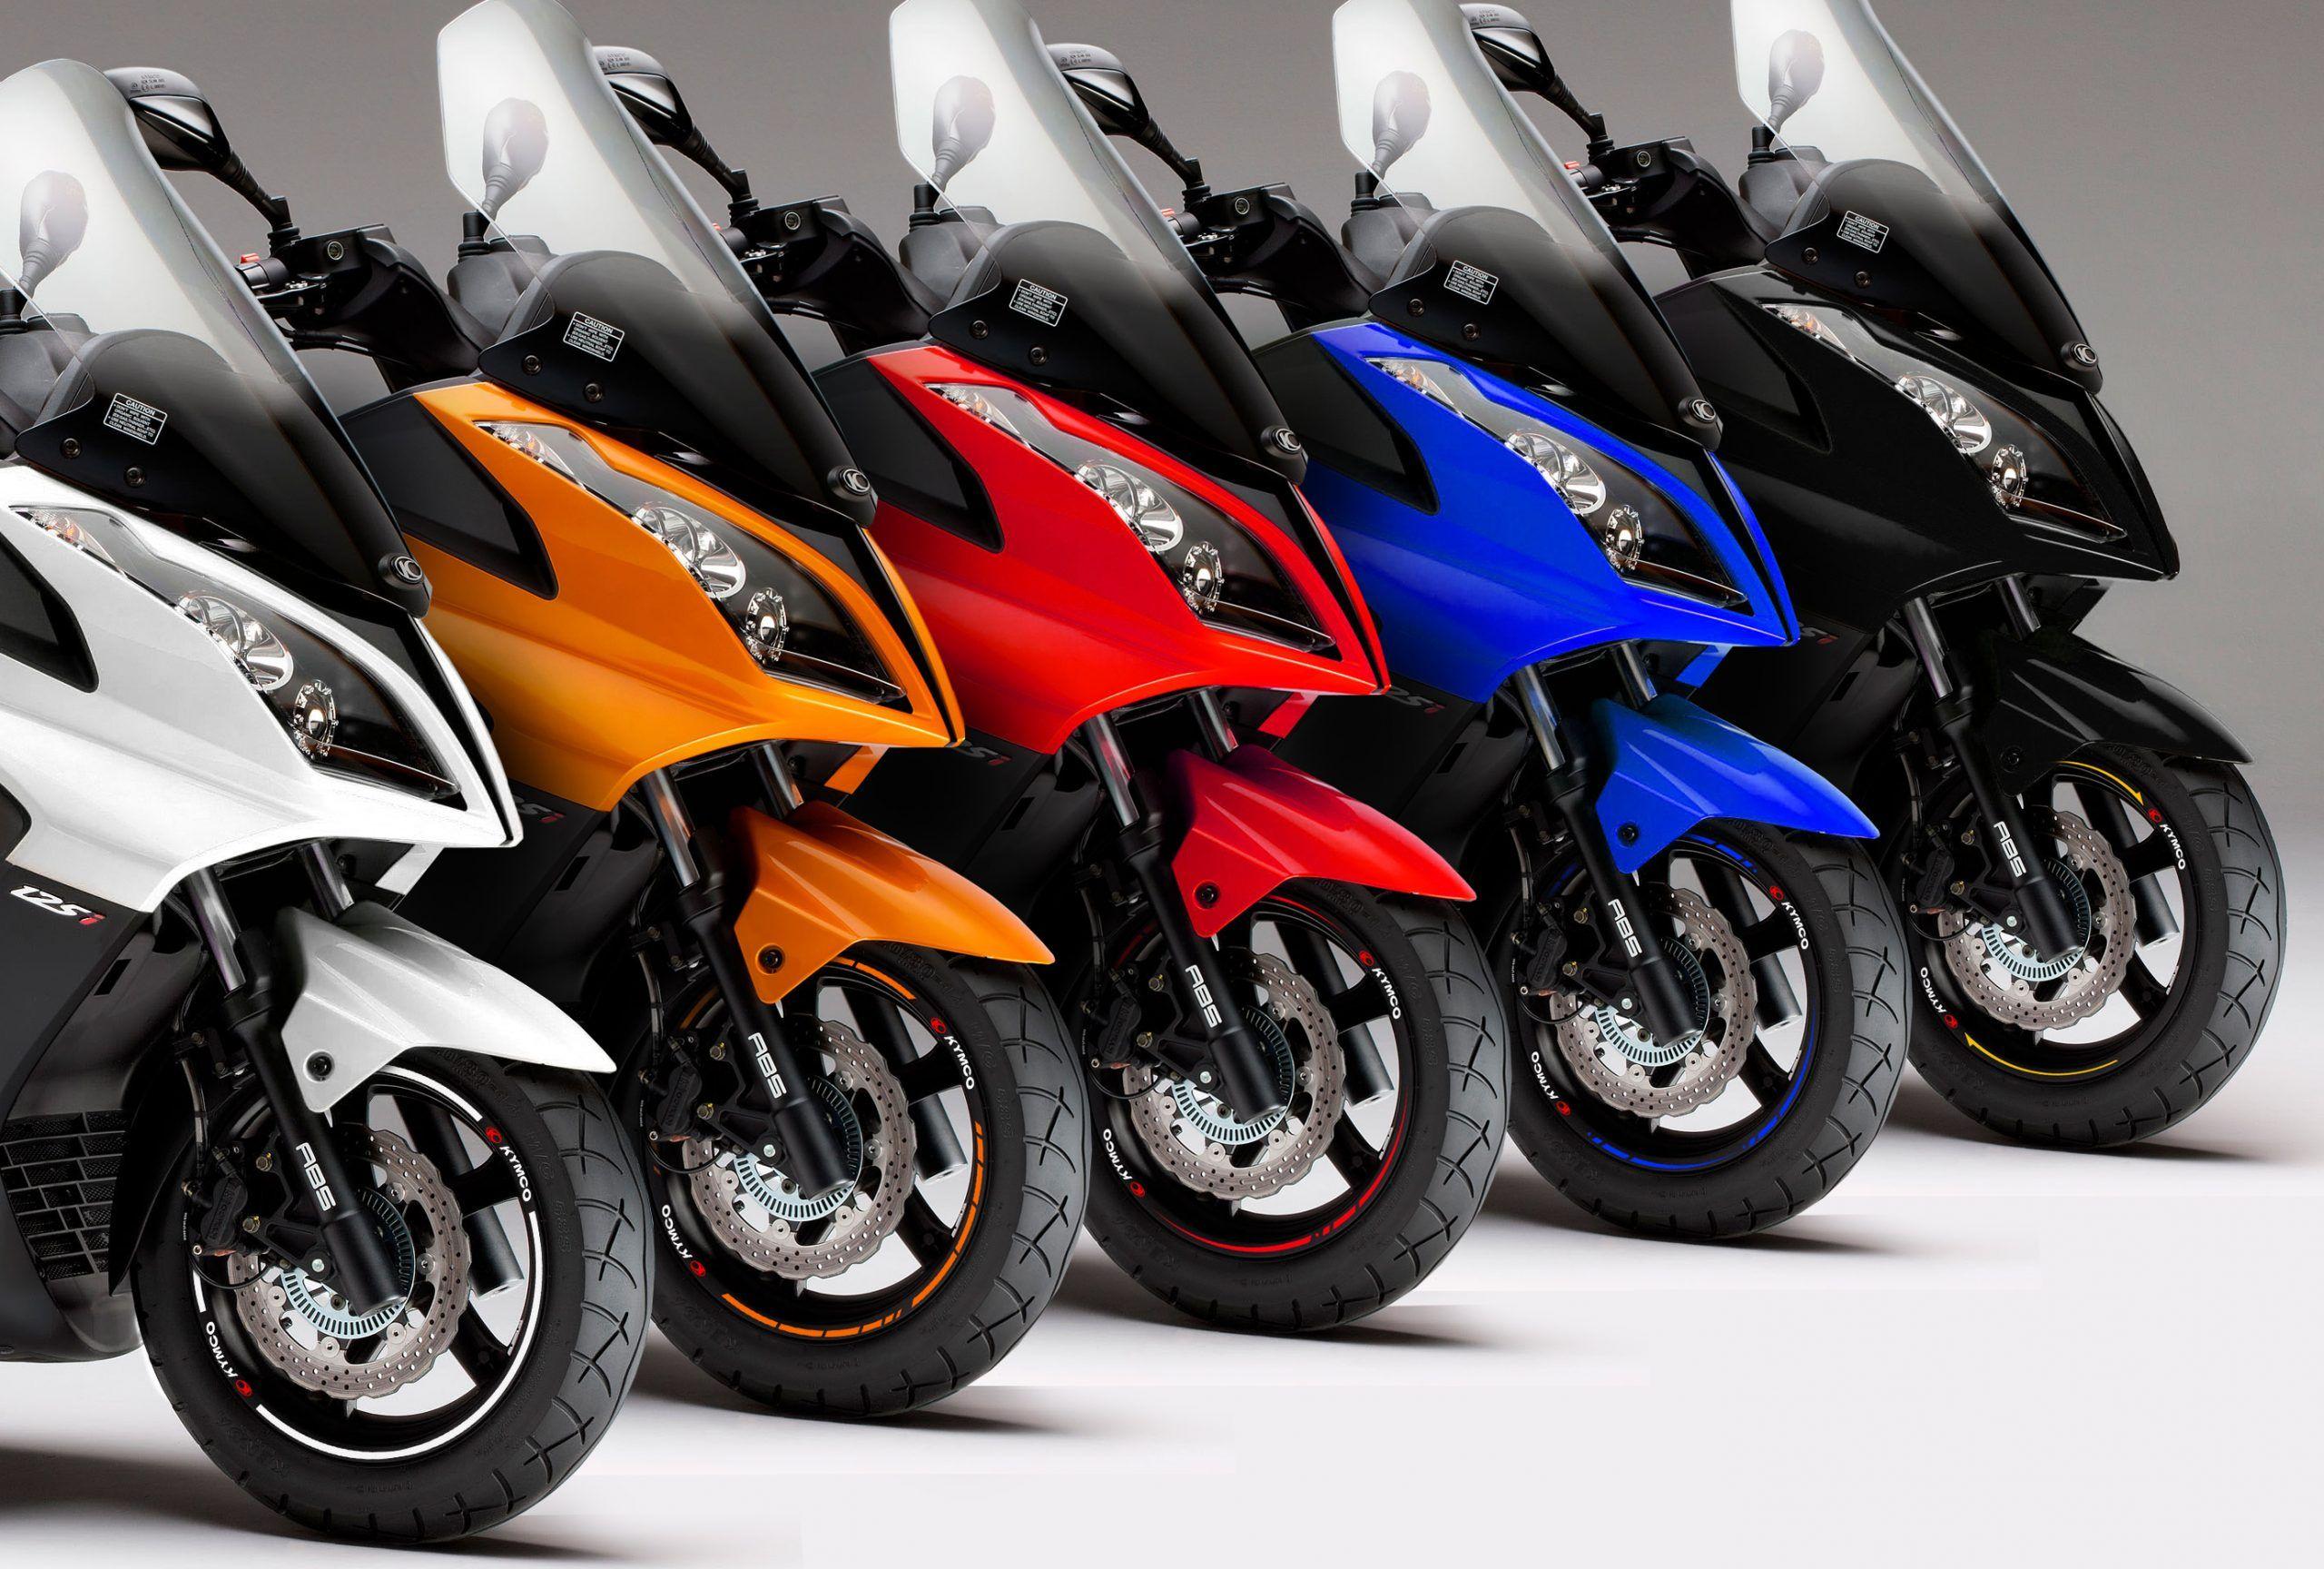 Personalizar Maxi scooter Kymco Superdink vinilos racevinyl